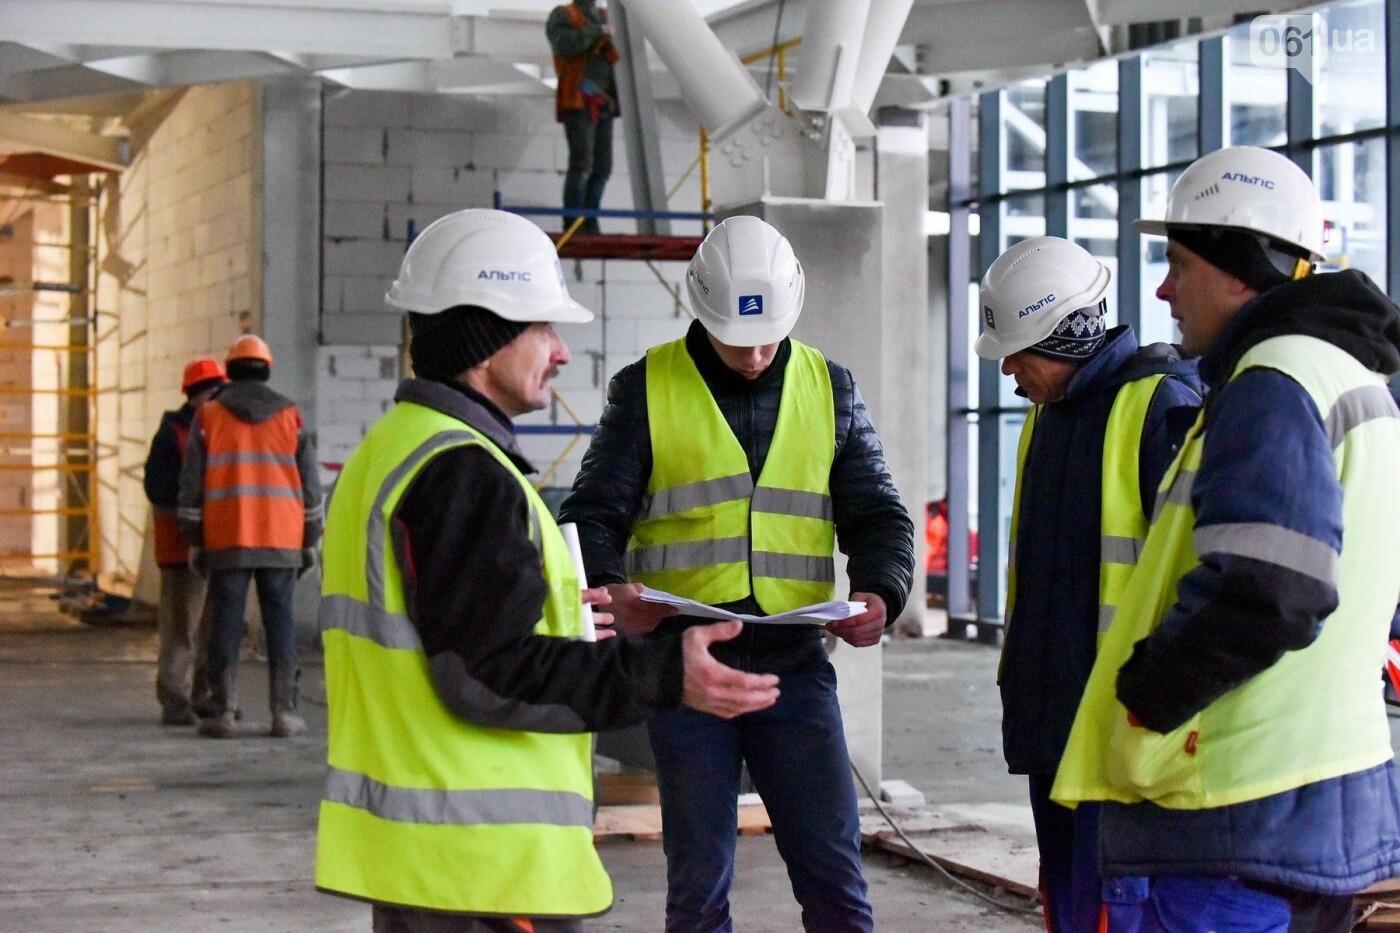 Запорожский аэропорт возьмет кредит на строительство терминала и прогнозирует увеличение пассажиропотока до одного миллиона, — ФОТОРЕПОРТАЖ, фото-20